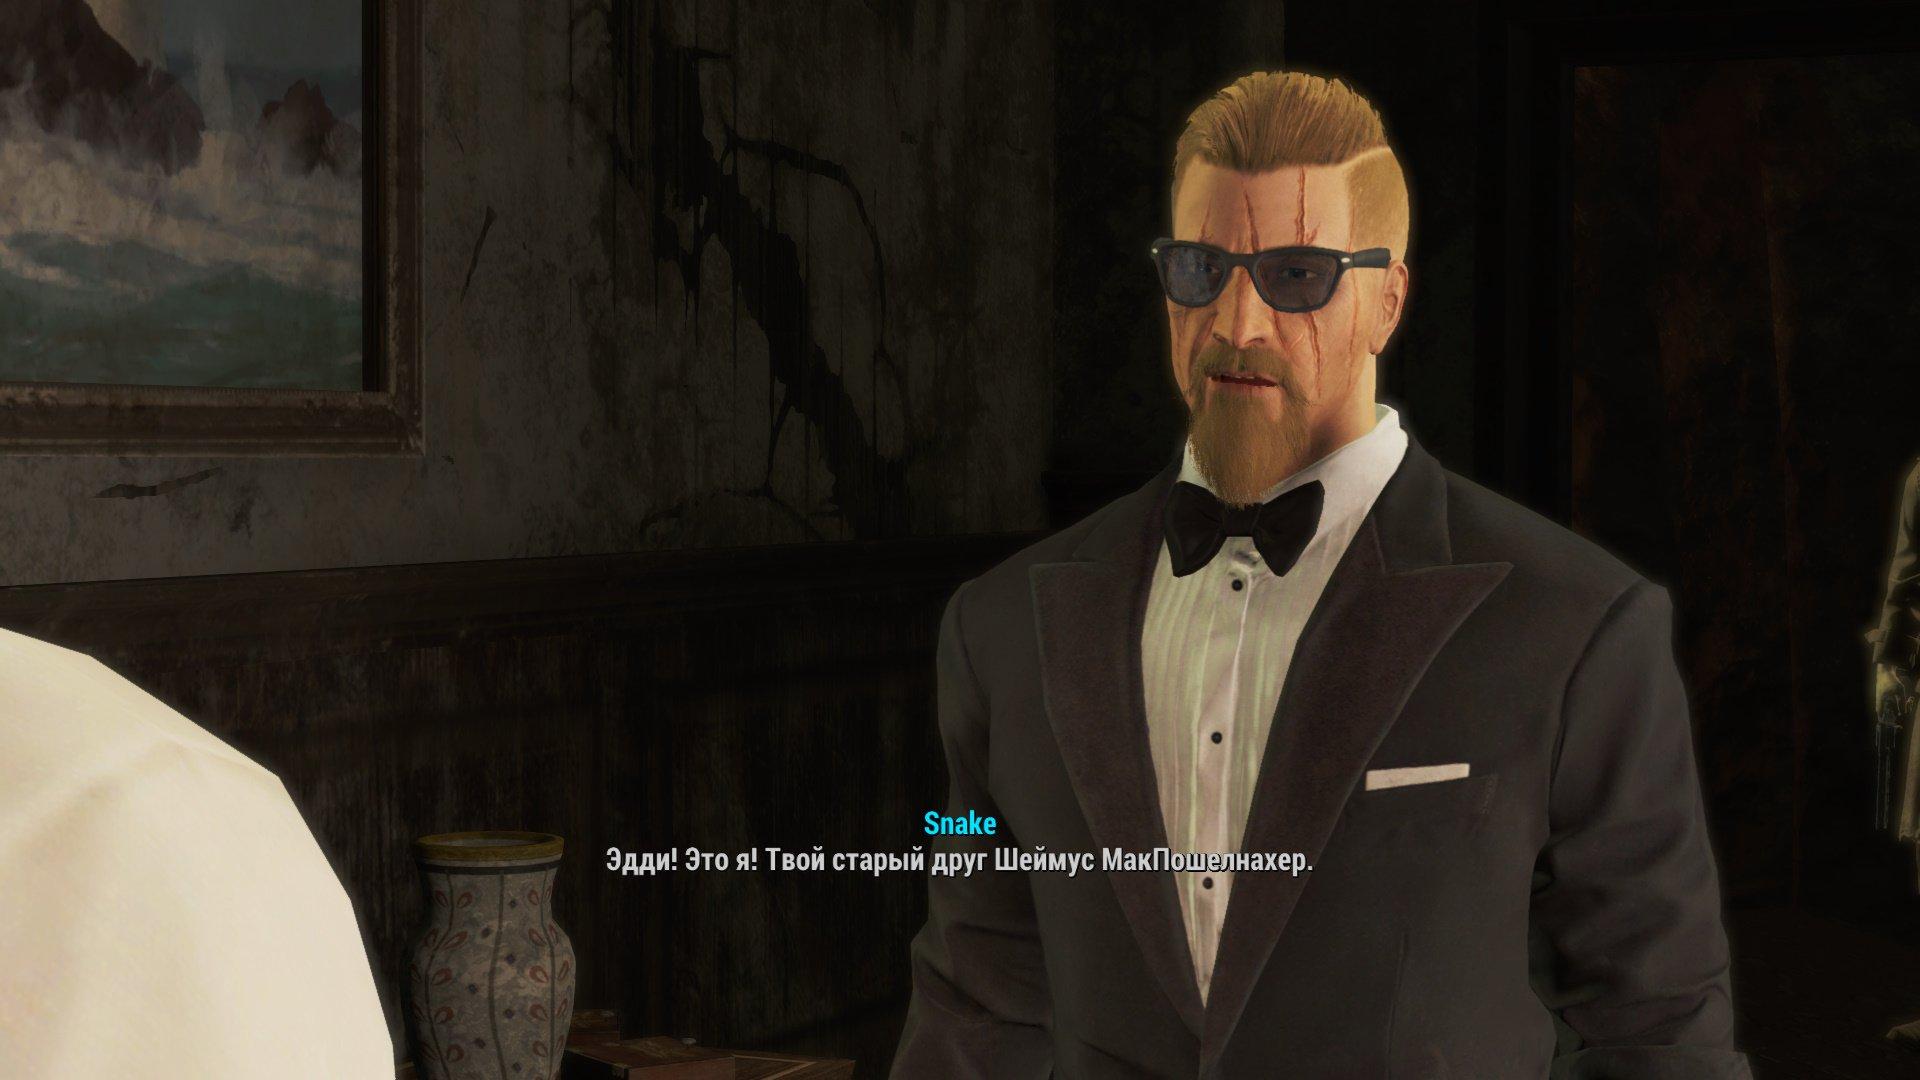 Сравнительный анализ (на самом деле нет) Fallout New Vegas vs. Fallout 4 (часть 1) - Изображение 7